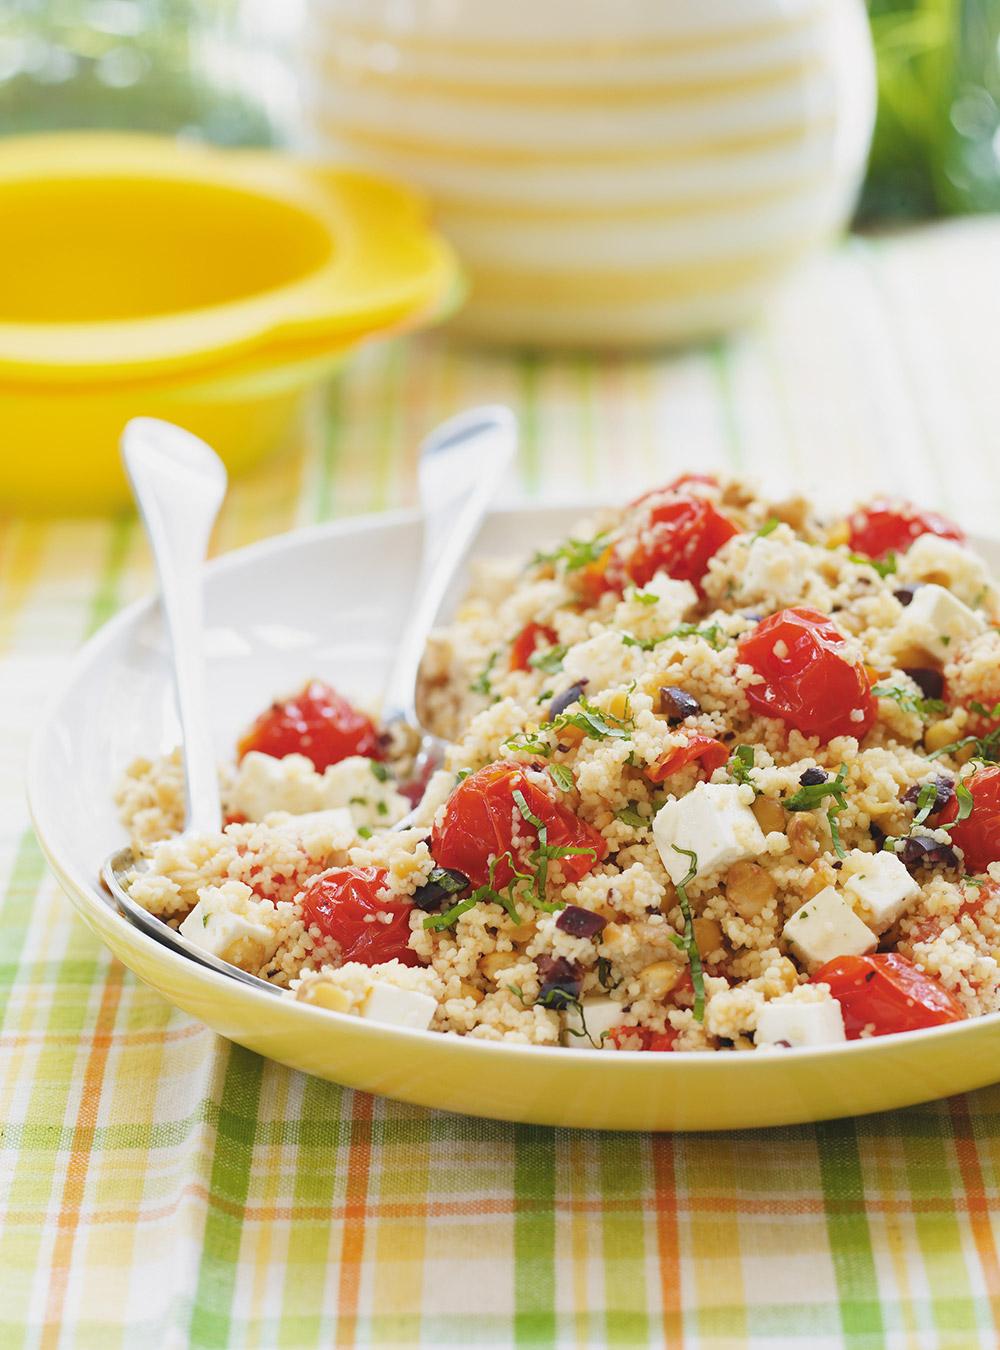 Salade méditerranéenne | ricardo